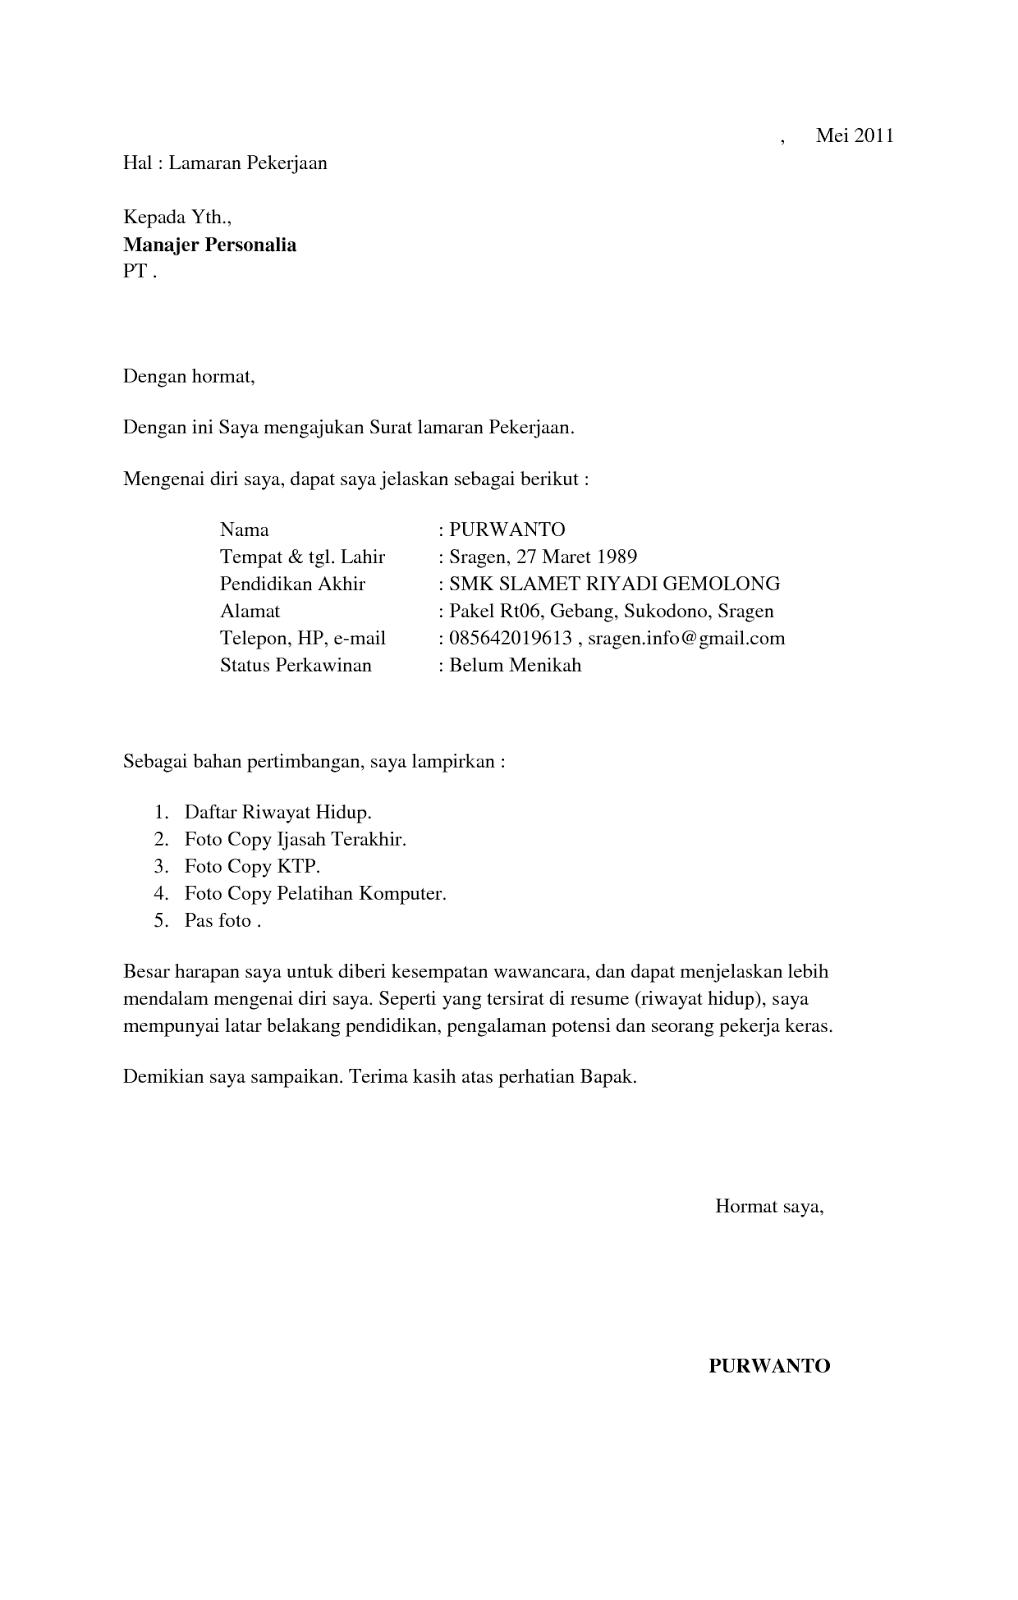 Contoh Surat Lamaran Kerja Di Pabrik Garment Bagi Contoh Surat